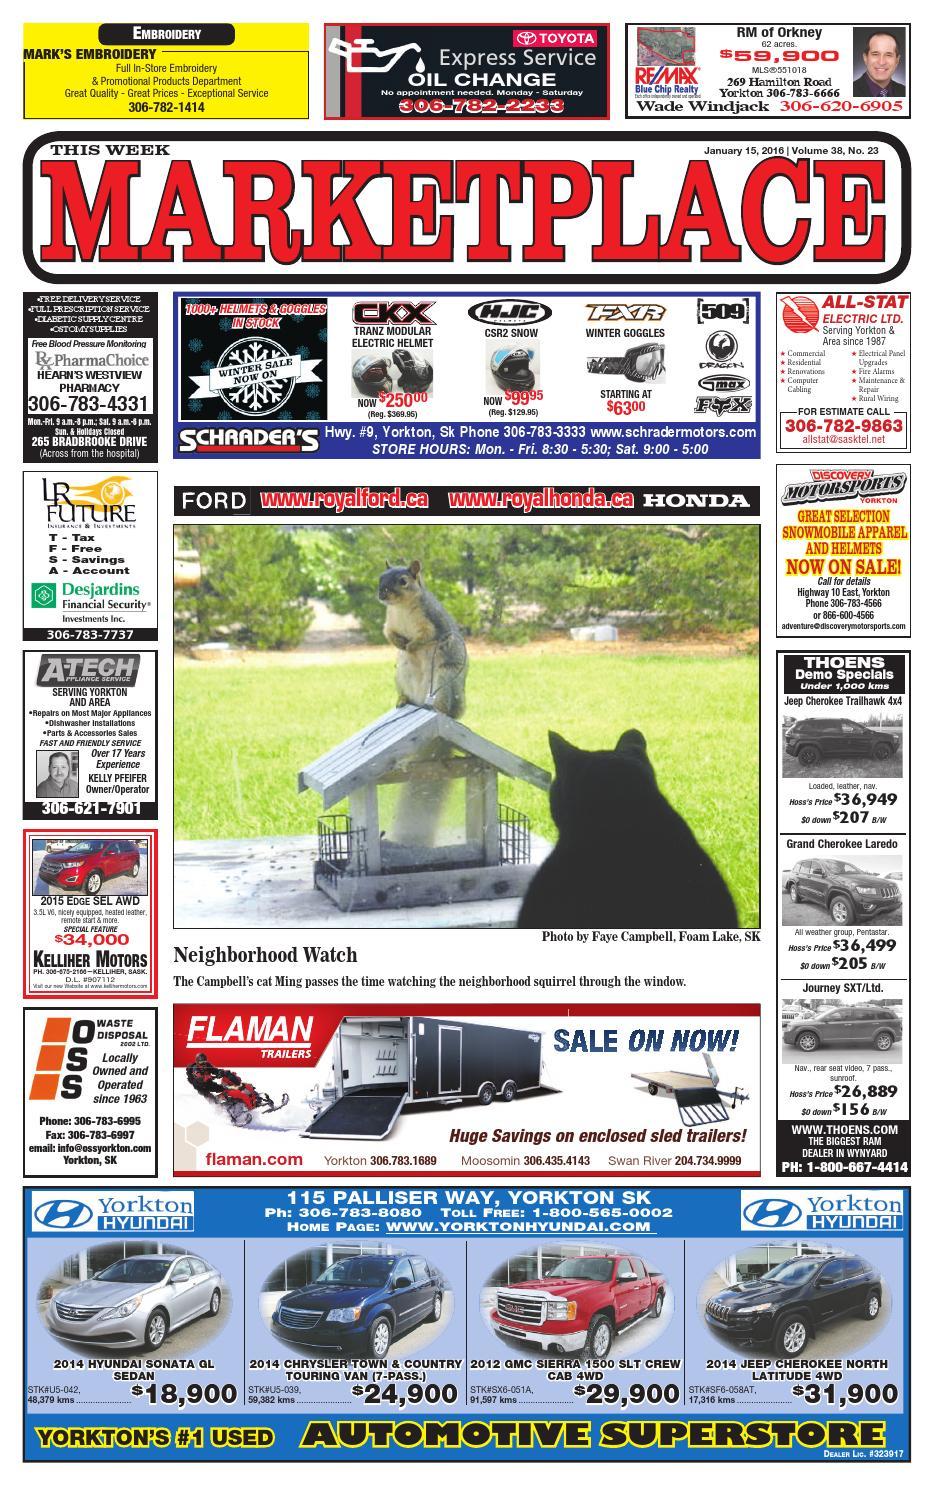 dodge 2013 grand caravan user manual pdf download